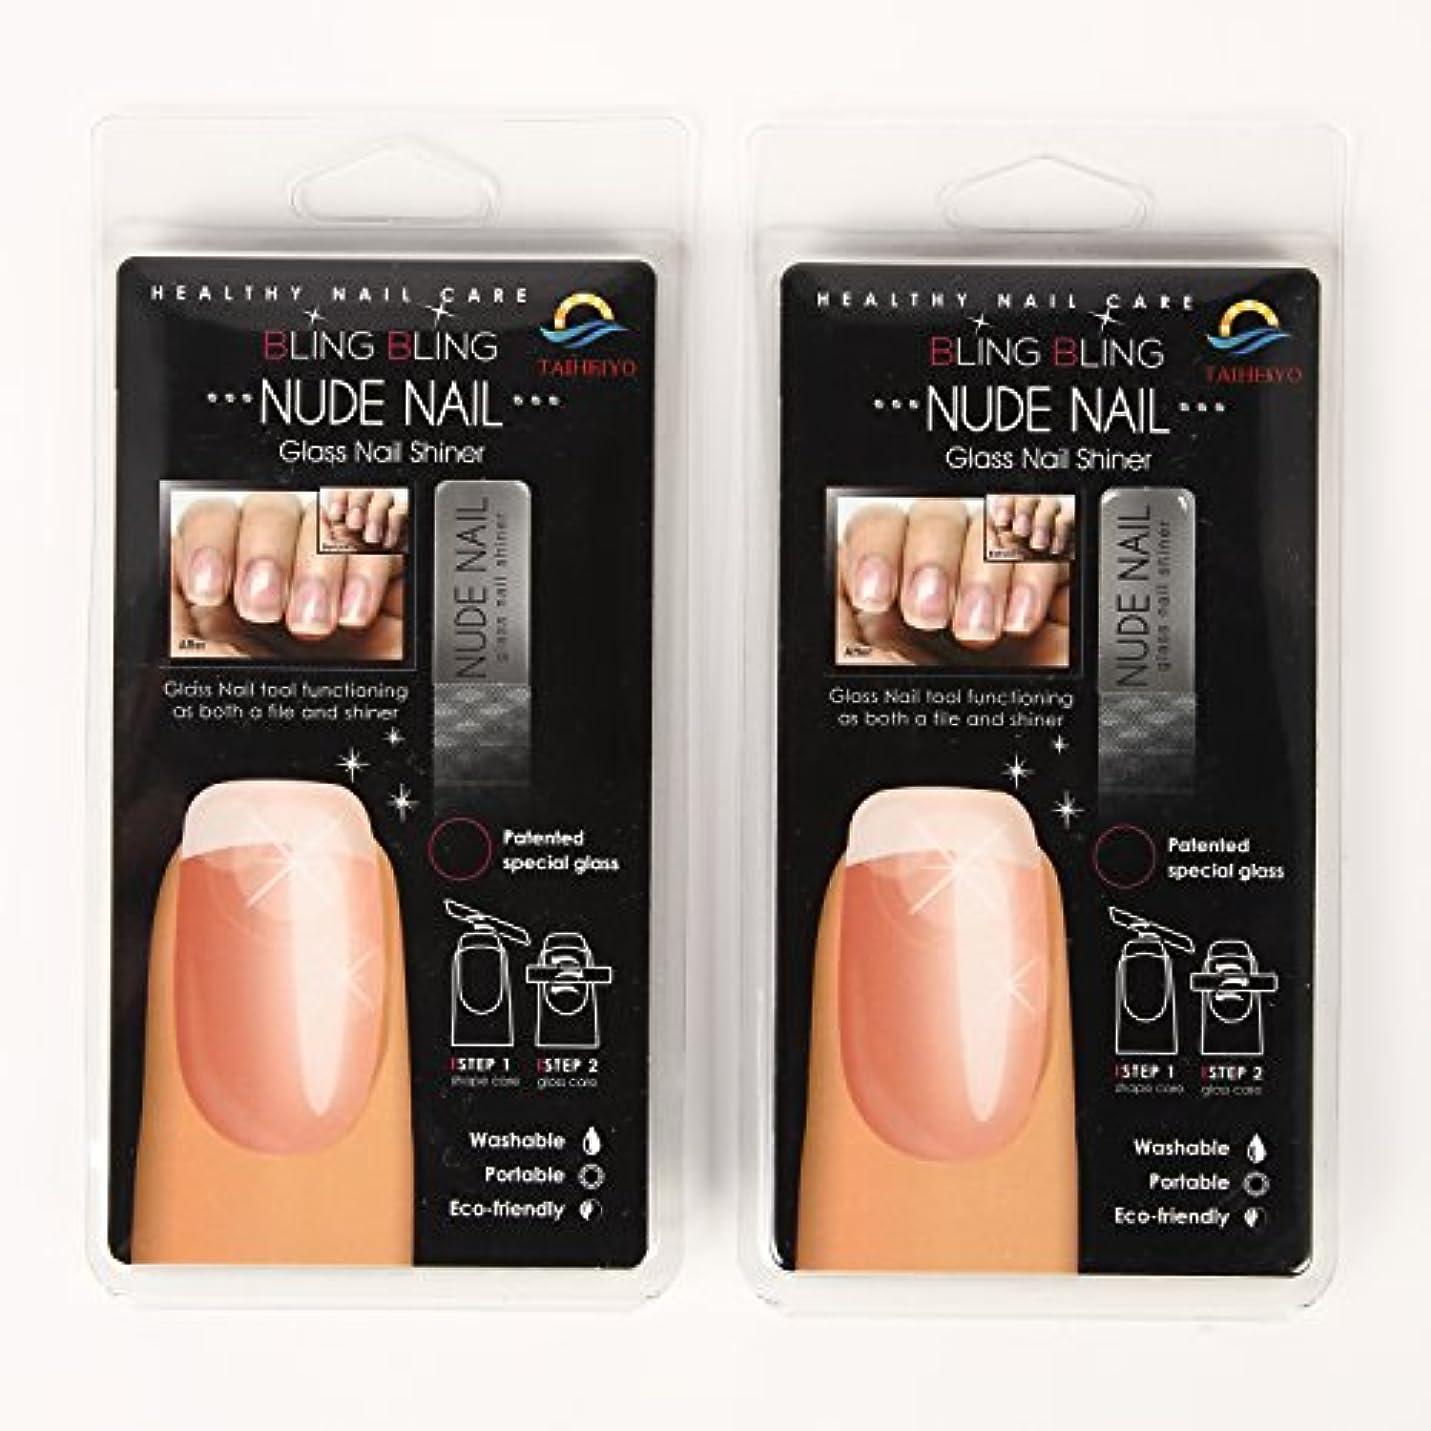 鉄イブニングどうやってヌードネイル NUDE NAIL 2本SET ガラス製爪磨き ガラスネイルシャイナー GLASS NAIL SHINER TAIHEIYO (2本SET)